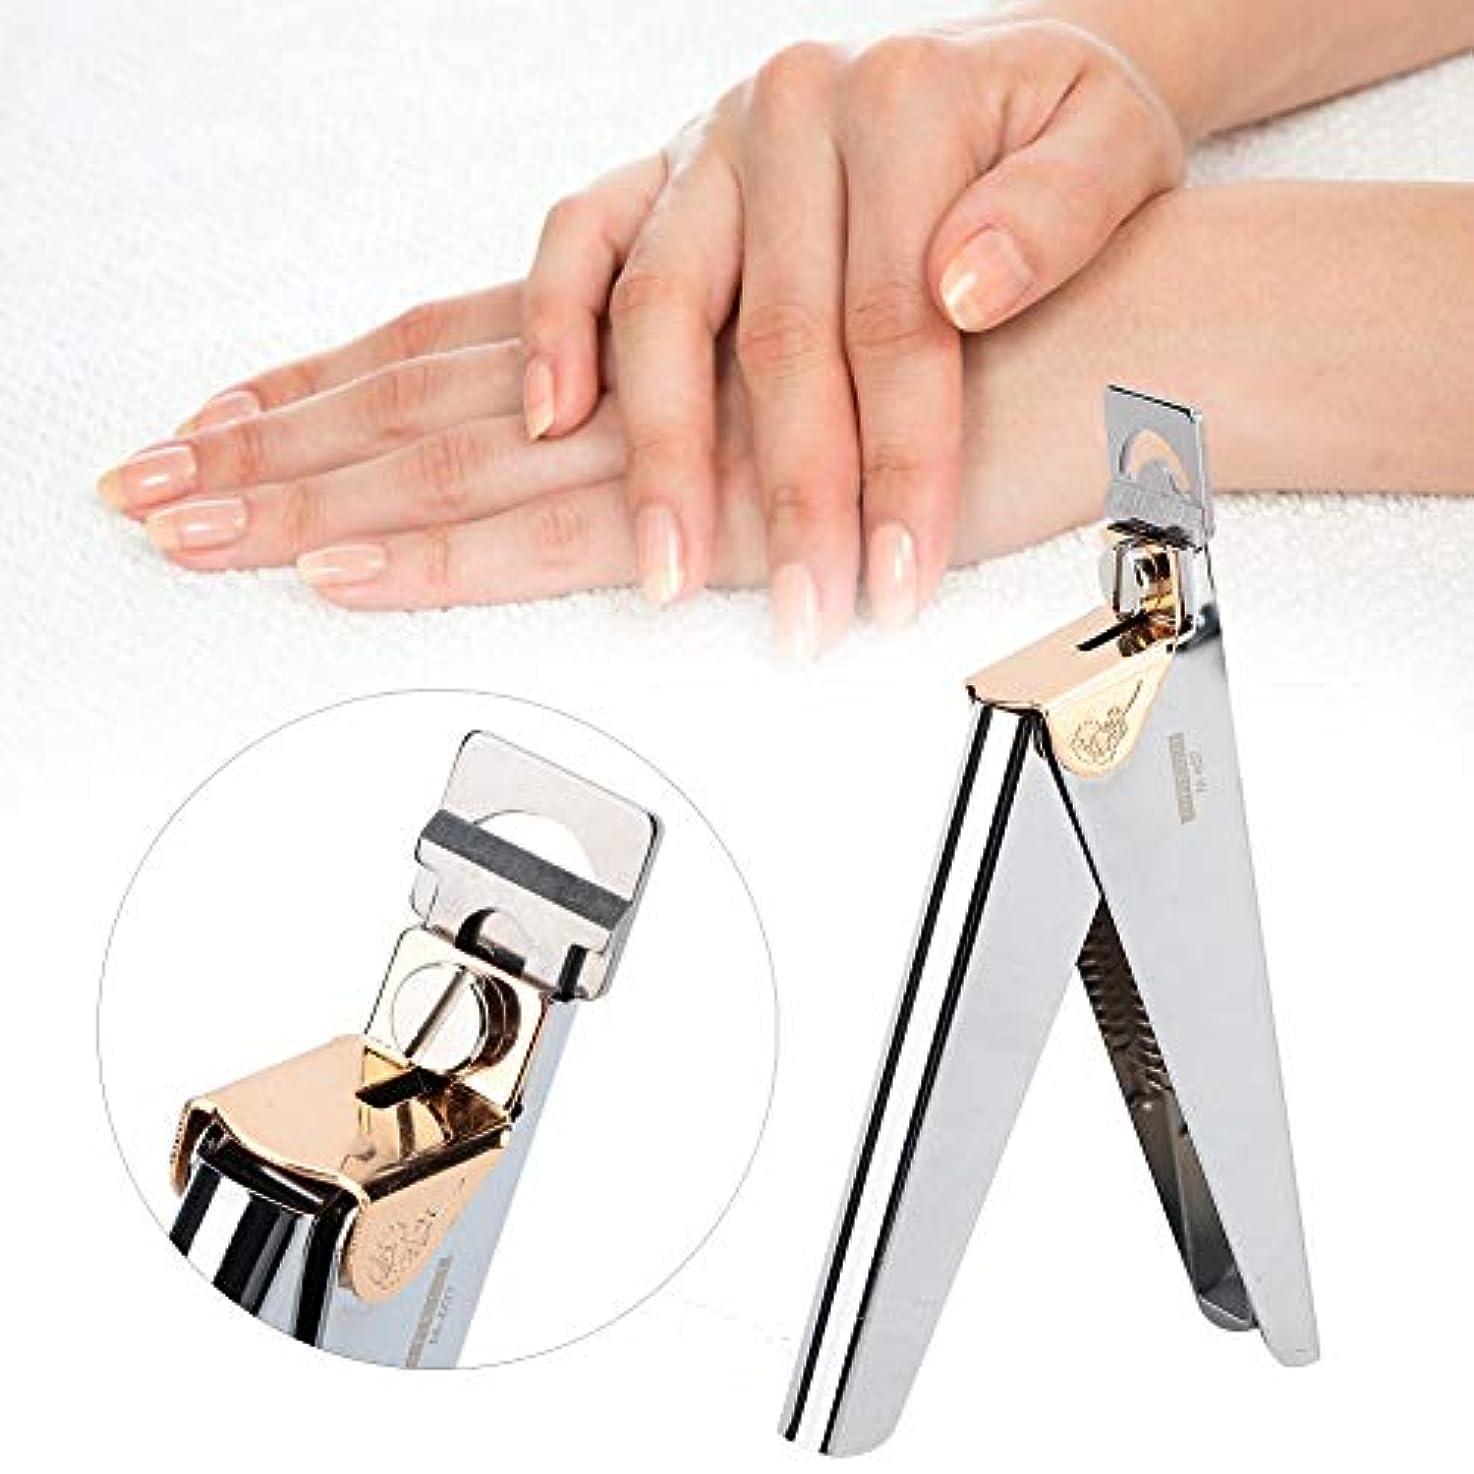 不透明な雪だるまフィールド指爪 爪ケア ネイルチップクリッパーカッター フランス式 プロ U字型ネイルアートクリッパーはさみ - マニキュア偽ネイルチップカッター - ステンレス鋼